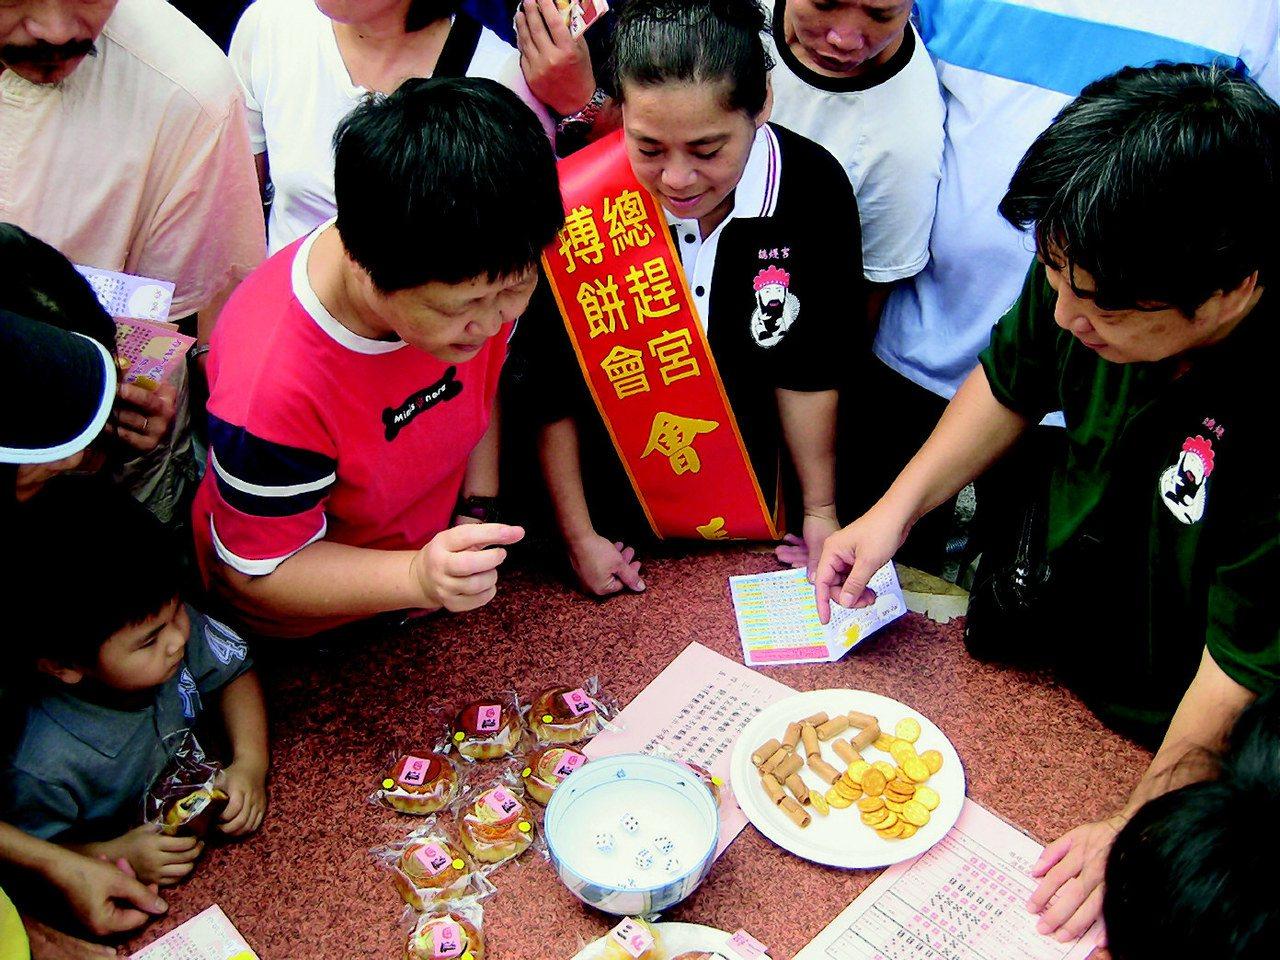 南市三級古蹟總趕宮舉辦中秋搏餅活動,吸引男女老幼擲骰子搏月餅。 圖/黃宣翰 攝影